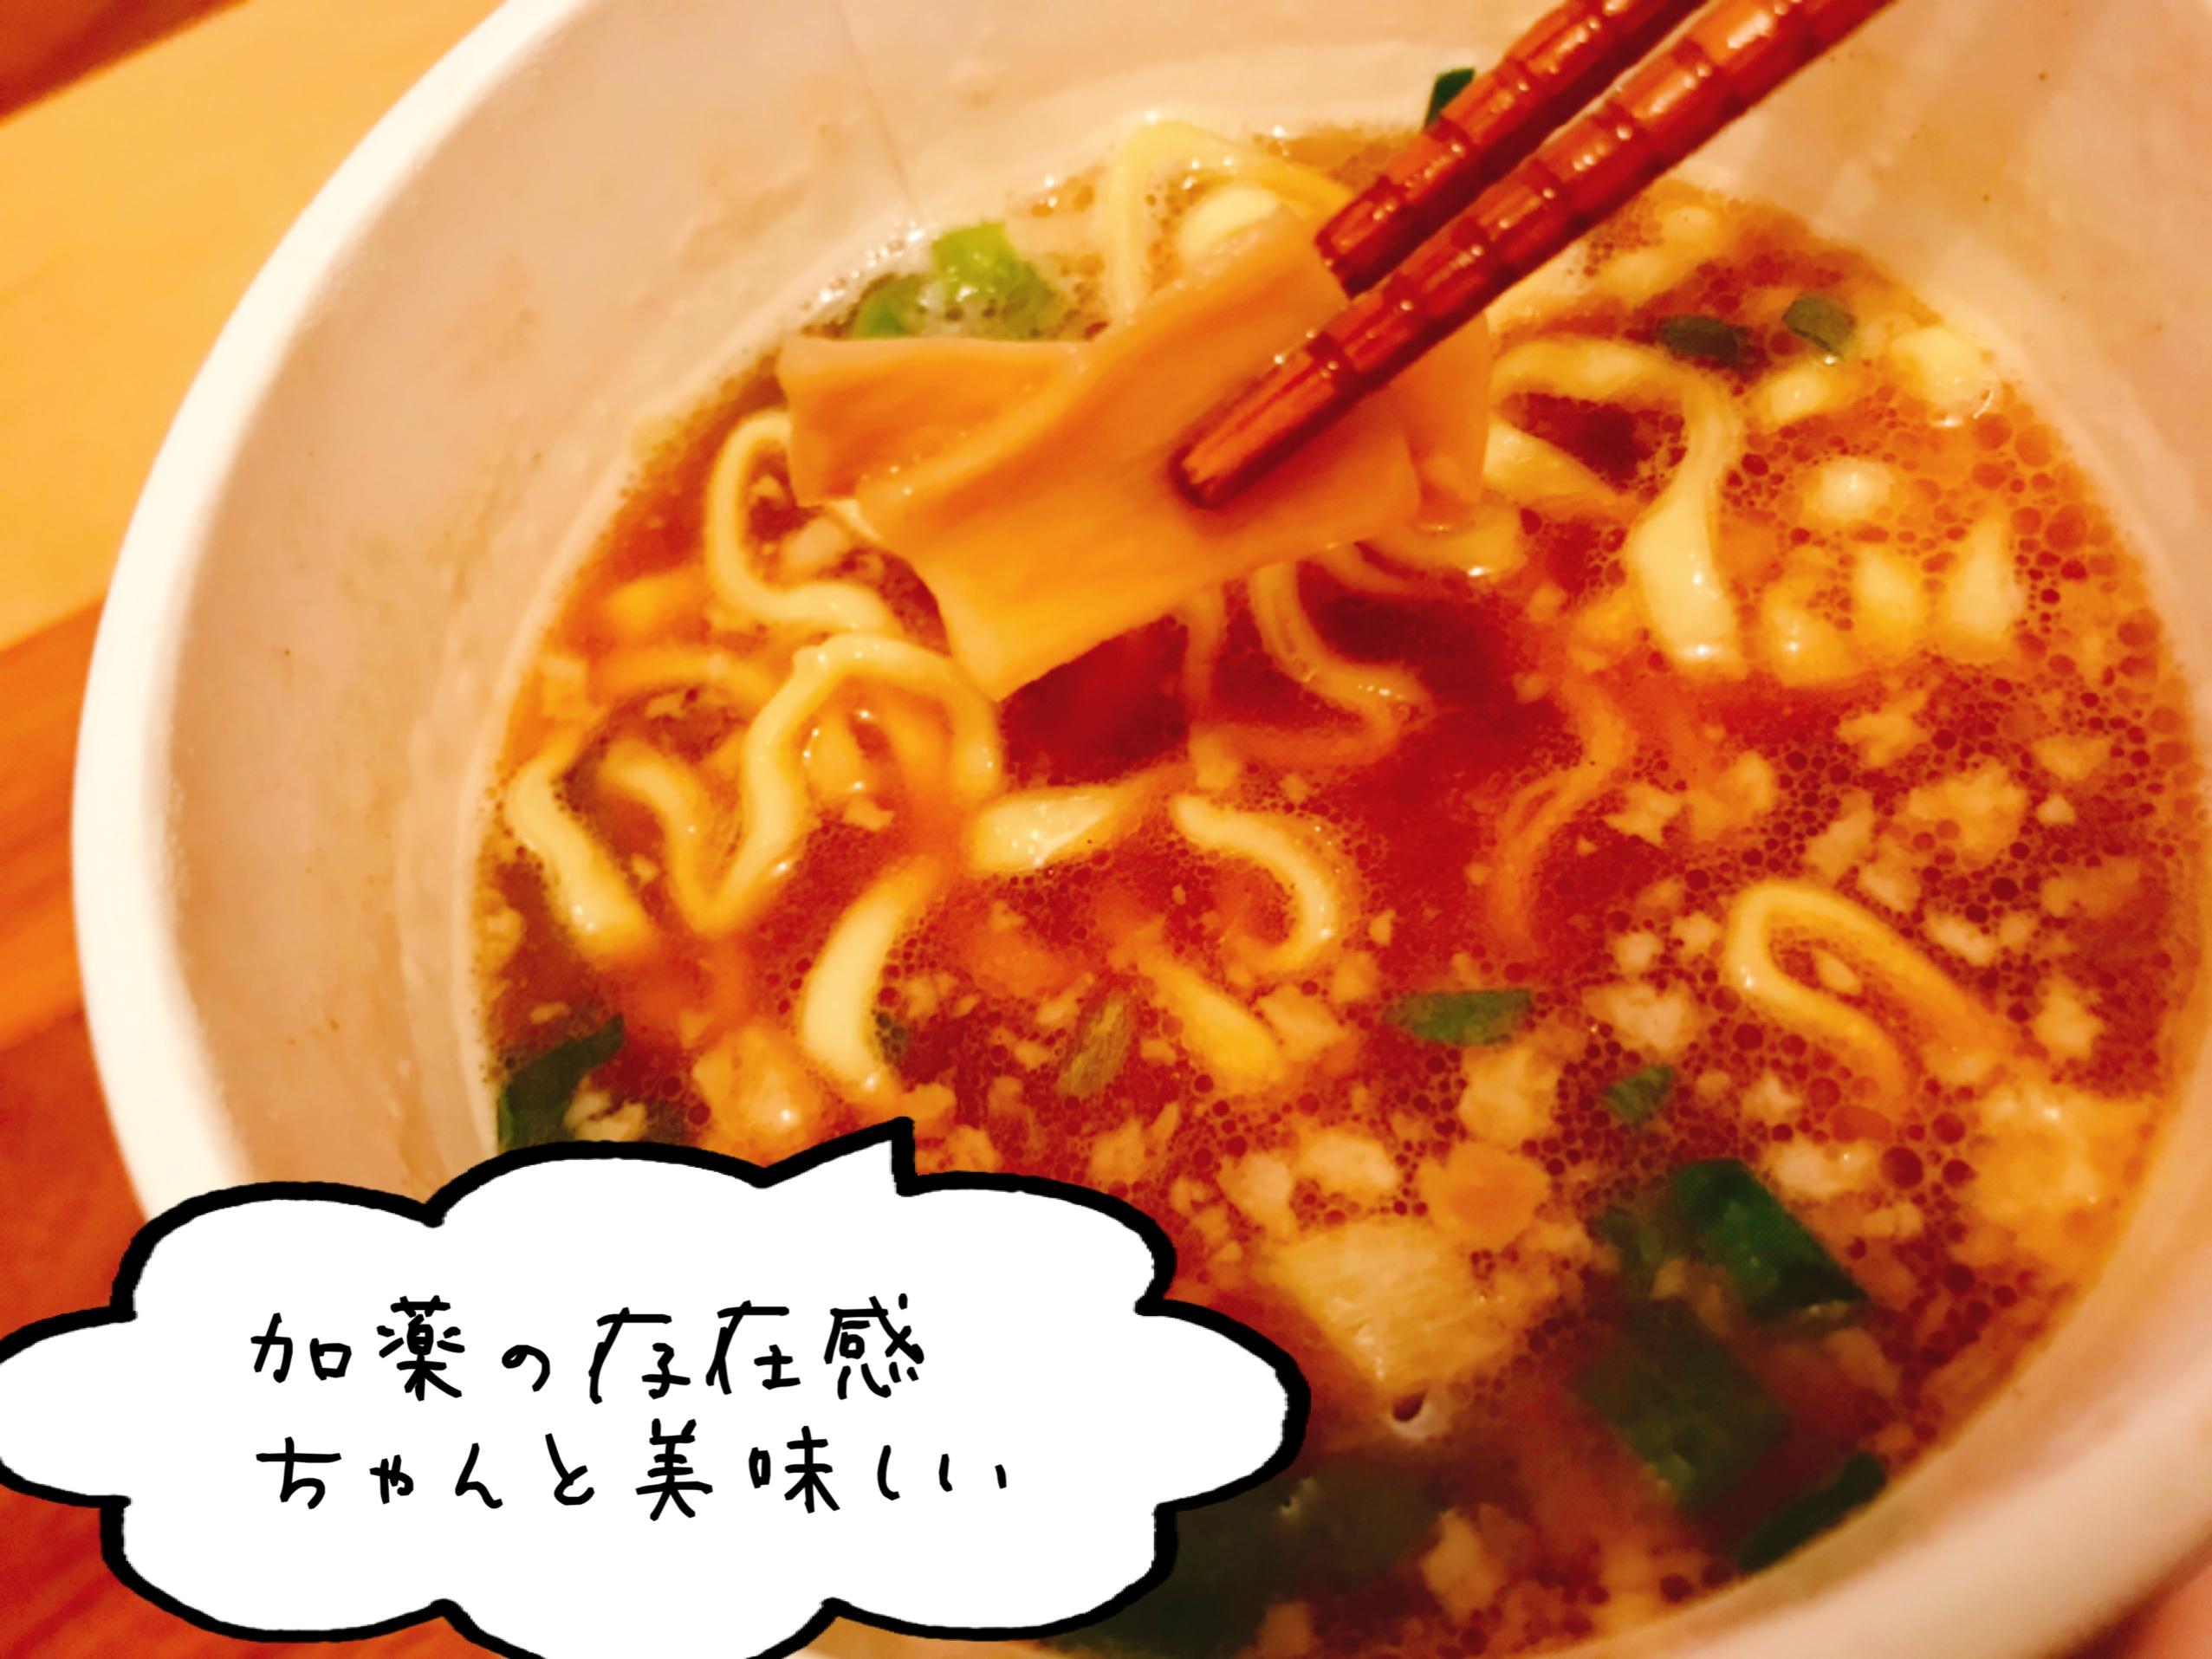 カップラーメン 麺神(めがみ)